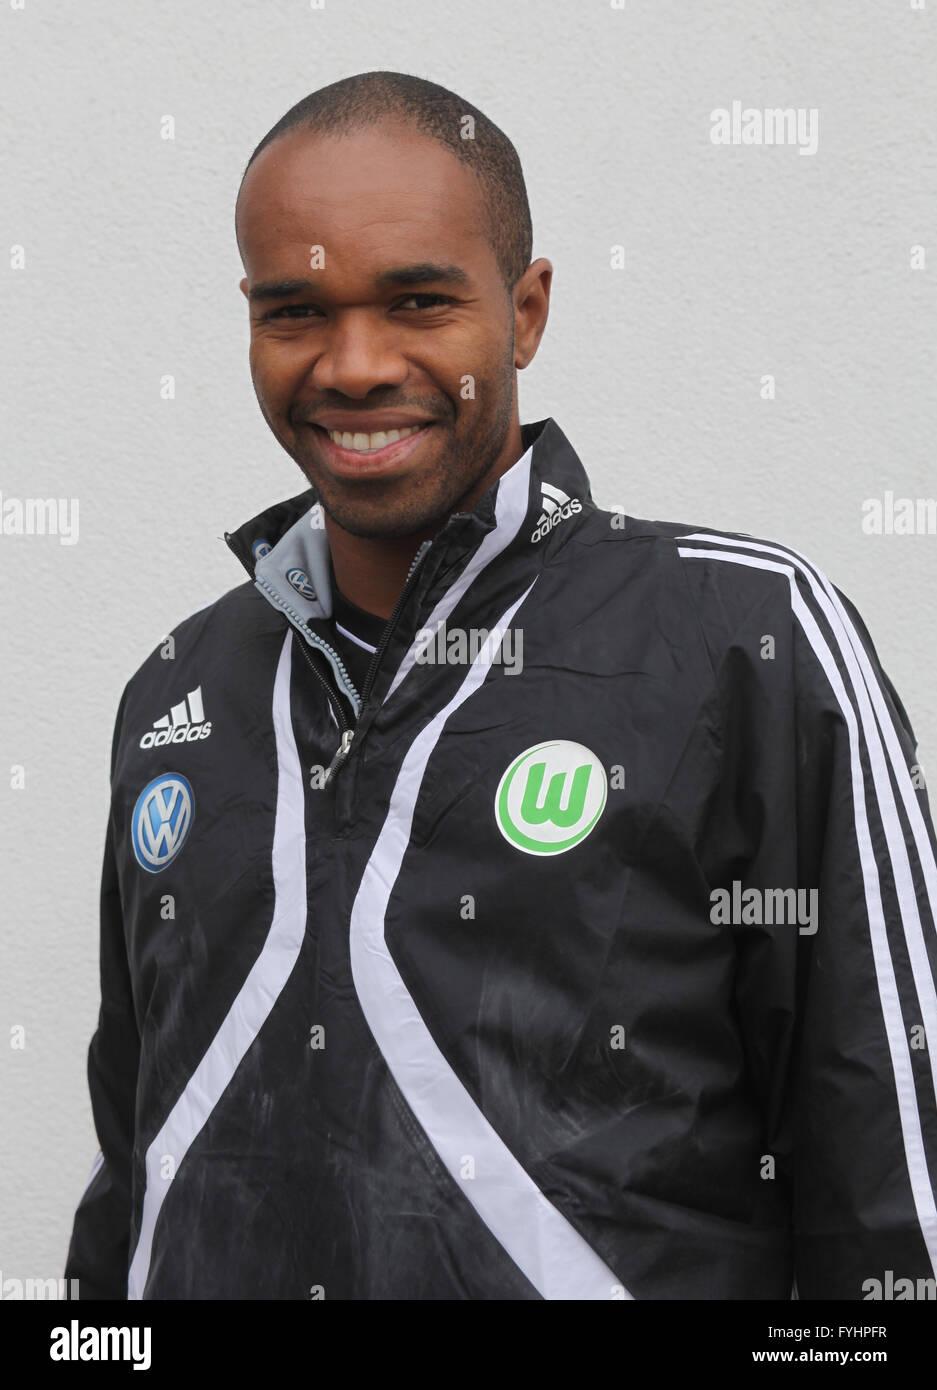 Naldo (VfL Wolfsburg) - Stock Image